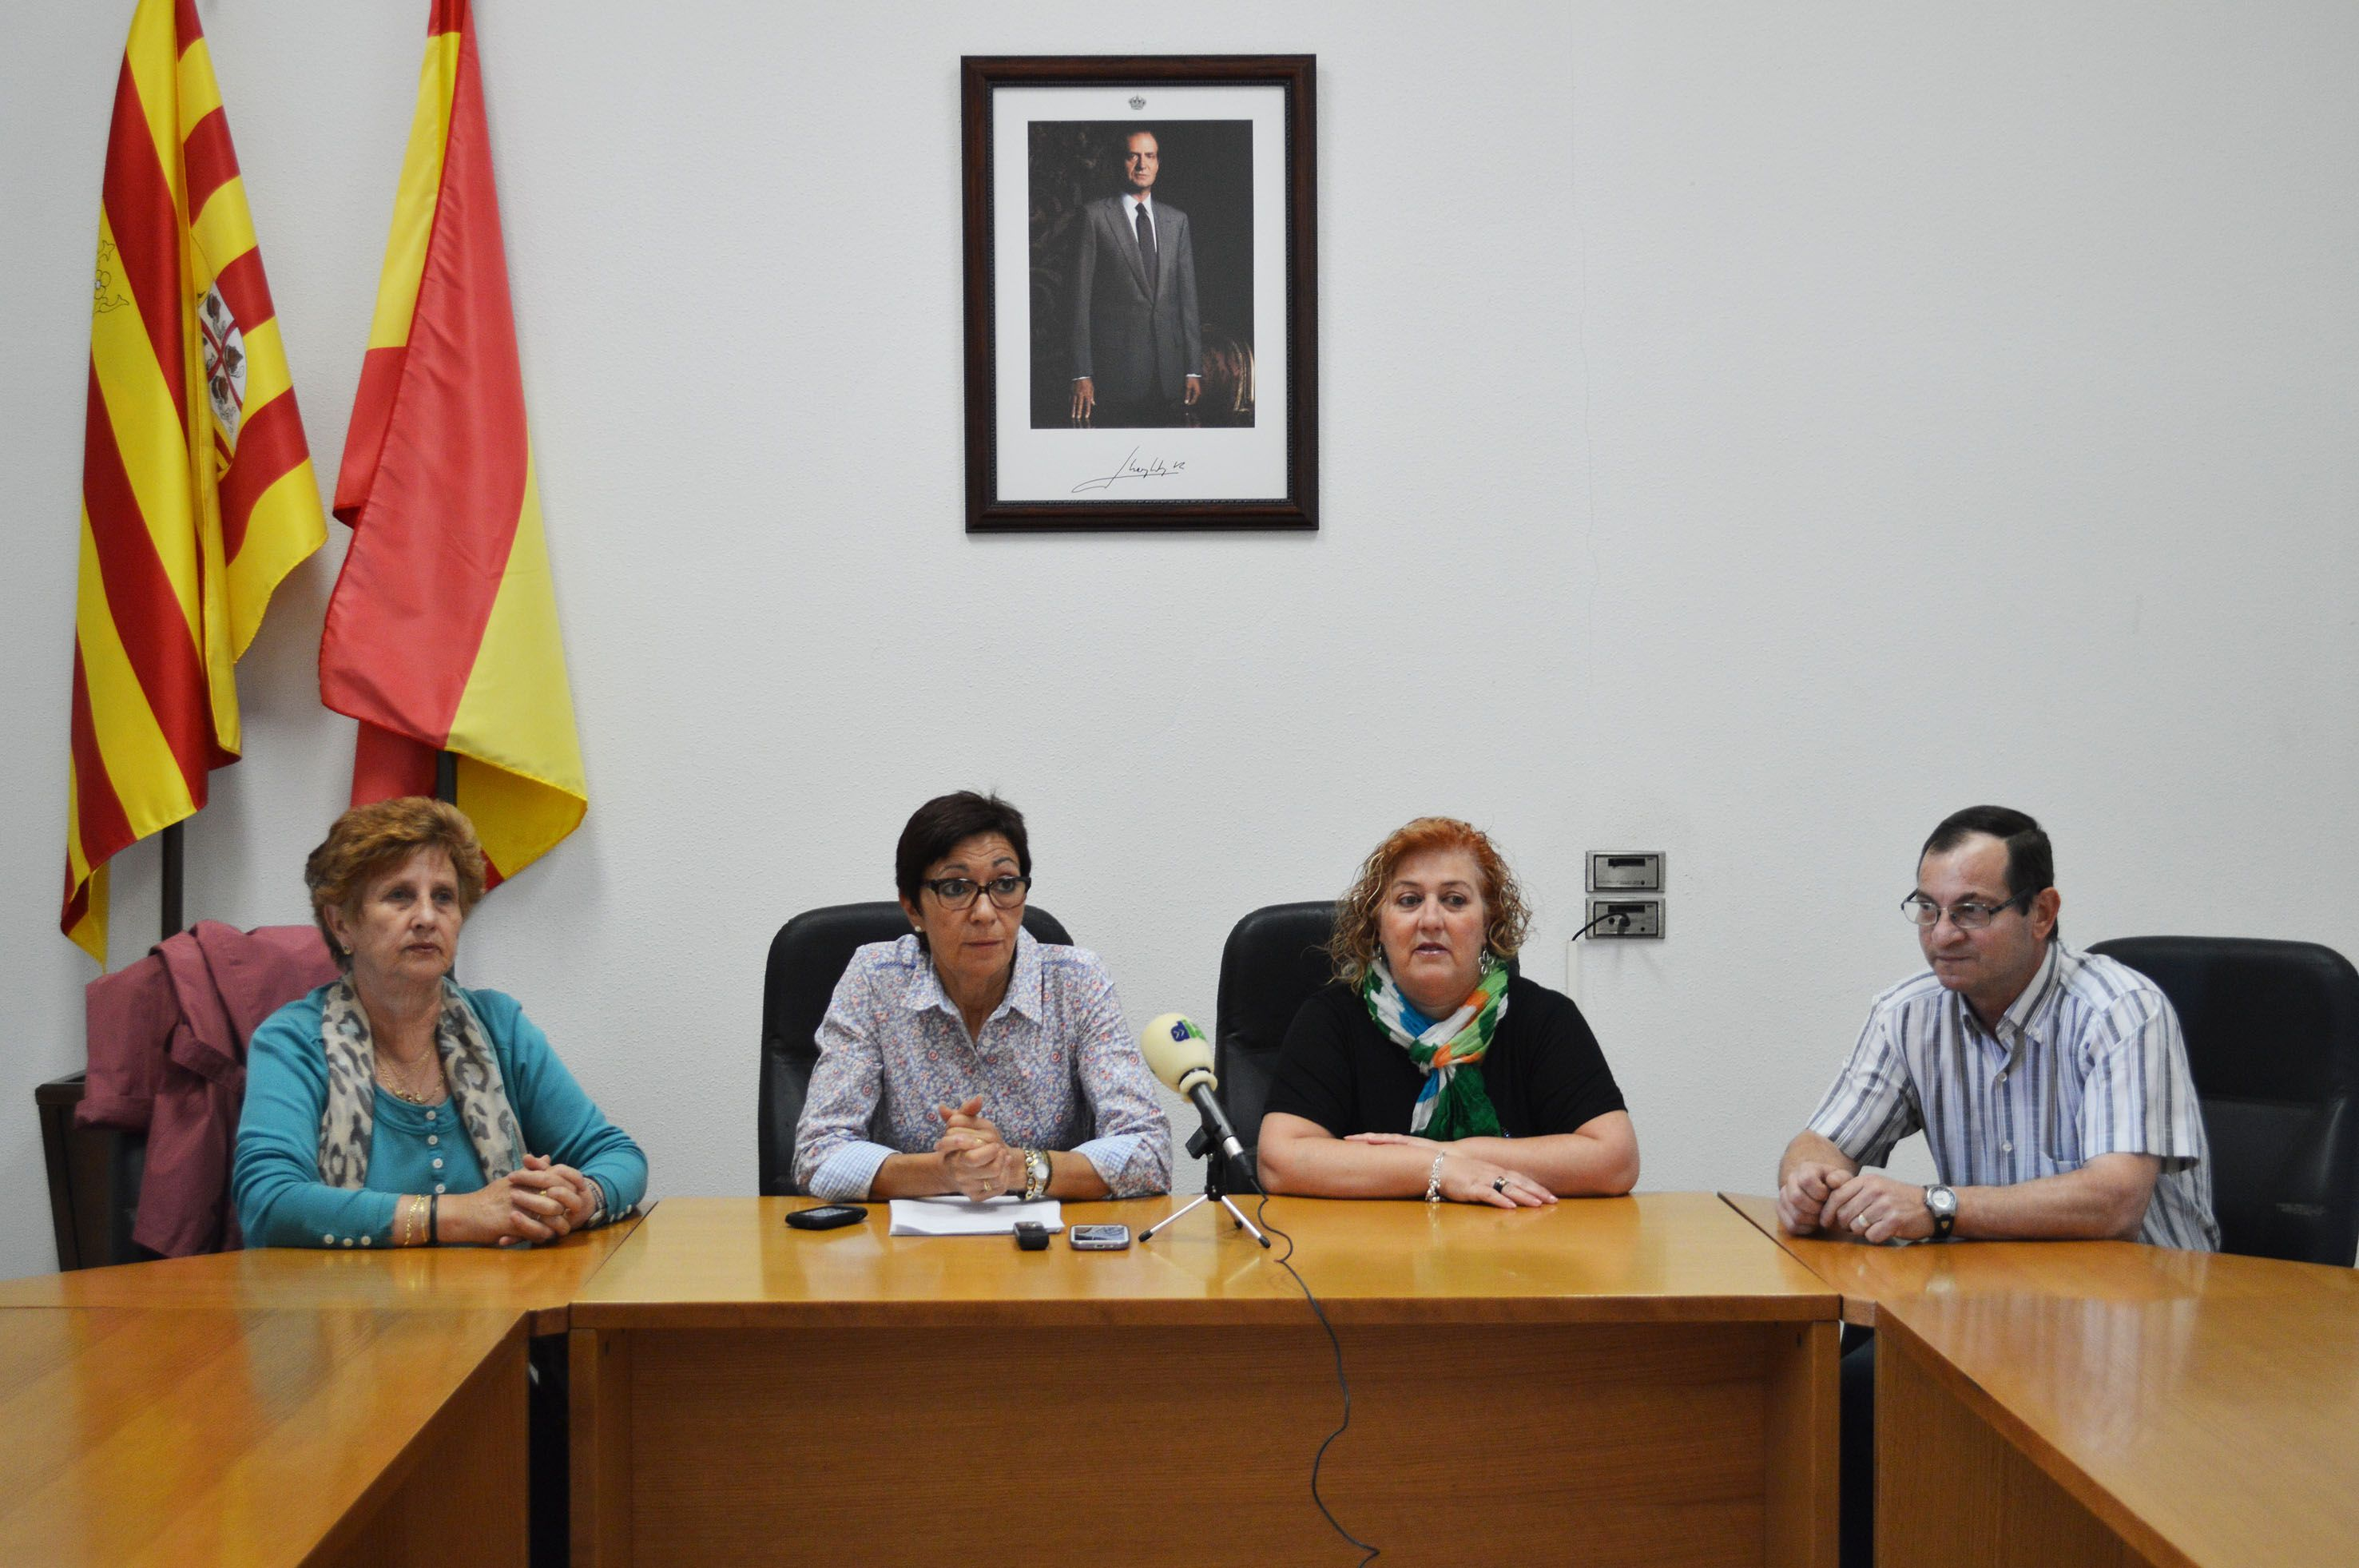 Este mes de junio, el solar de La Paz tendrá el permiso de obras para comenzar a construir el nuevo hotel